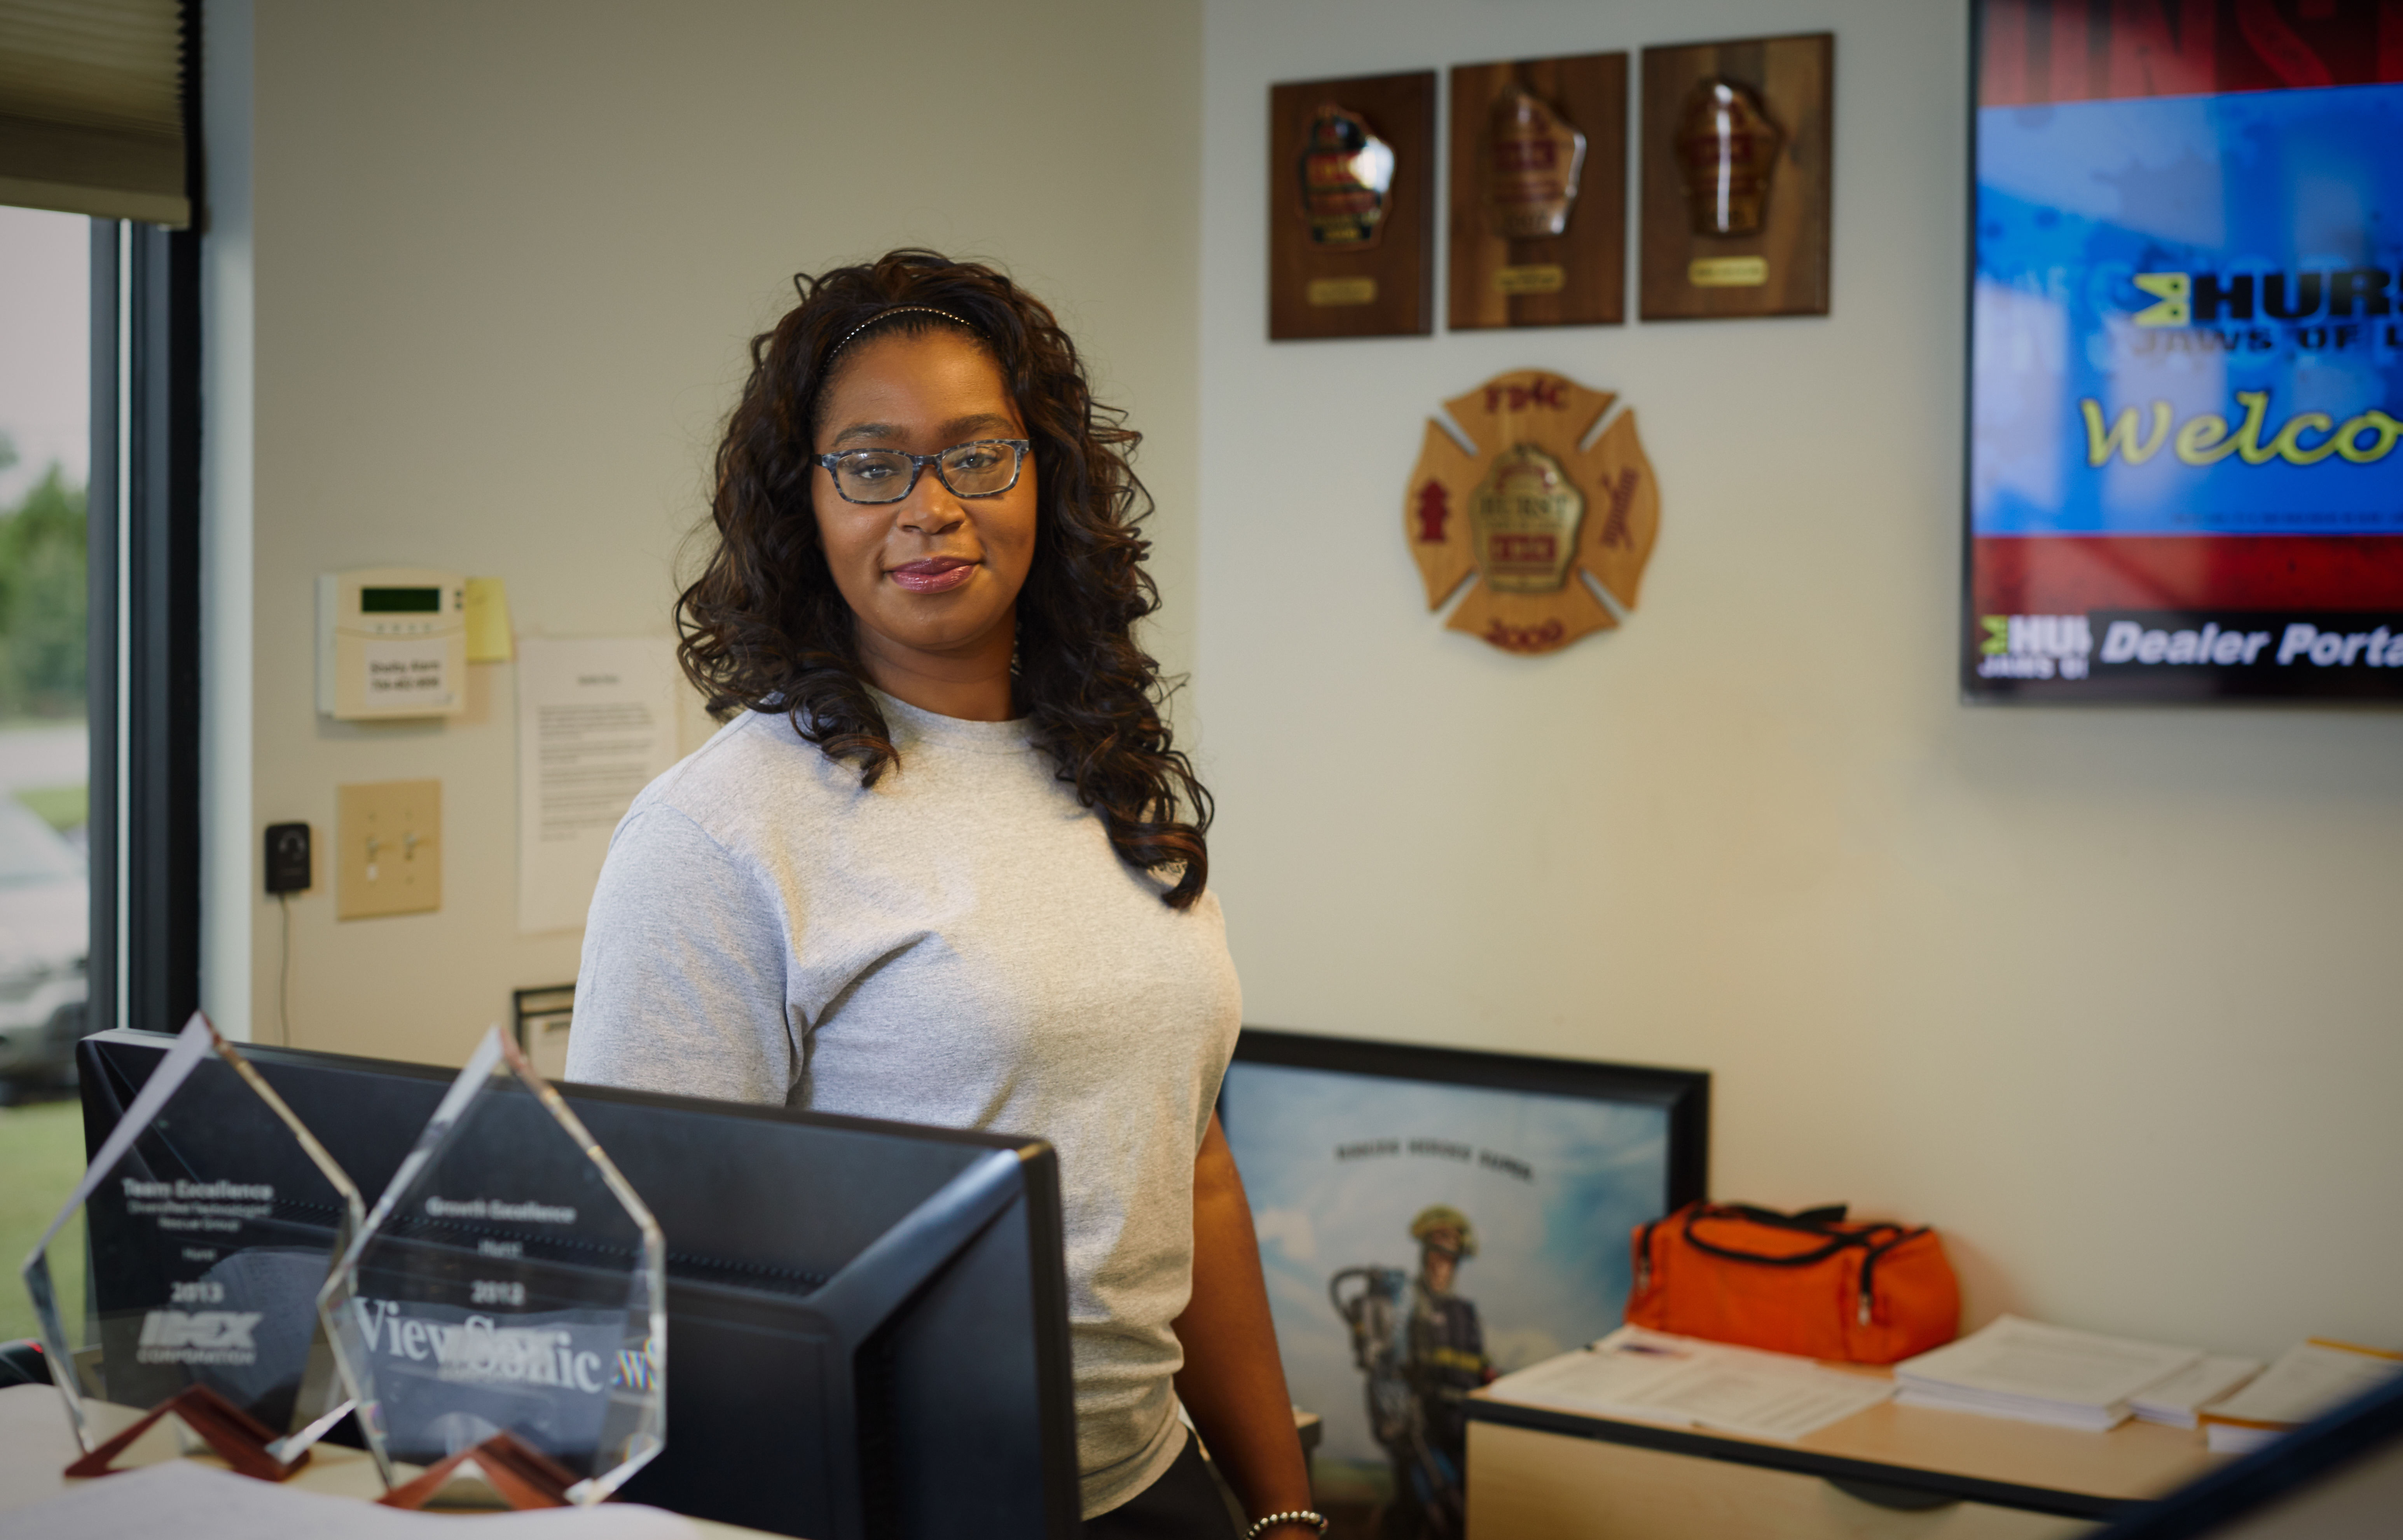 Ebony Beyah, Customer Service Specialist